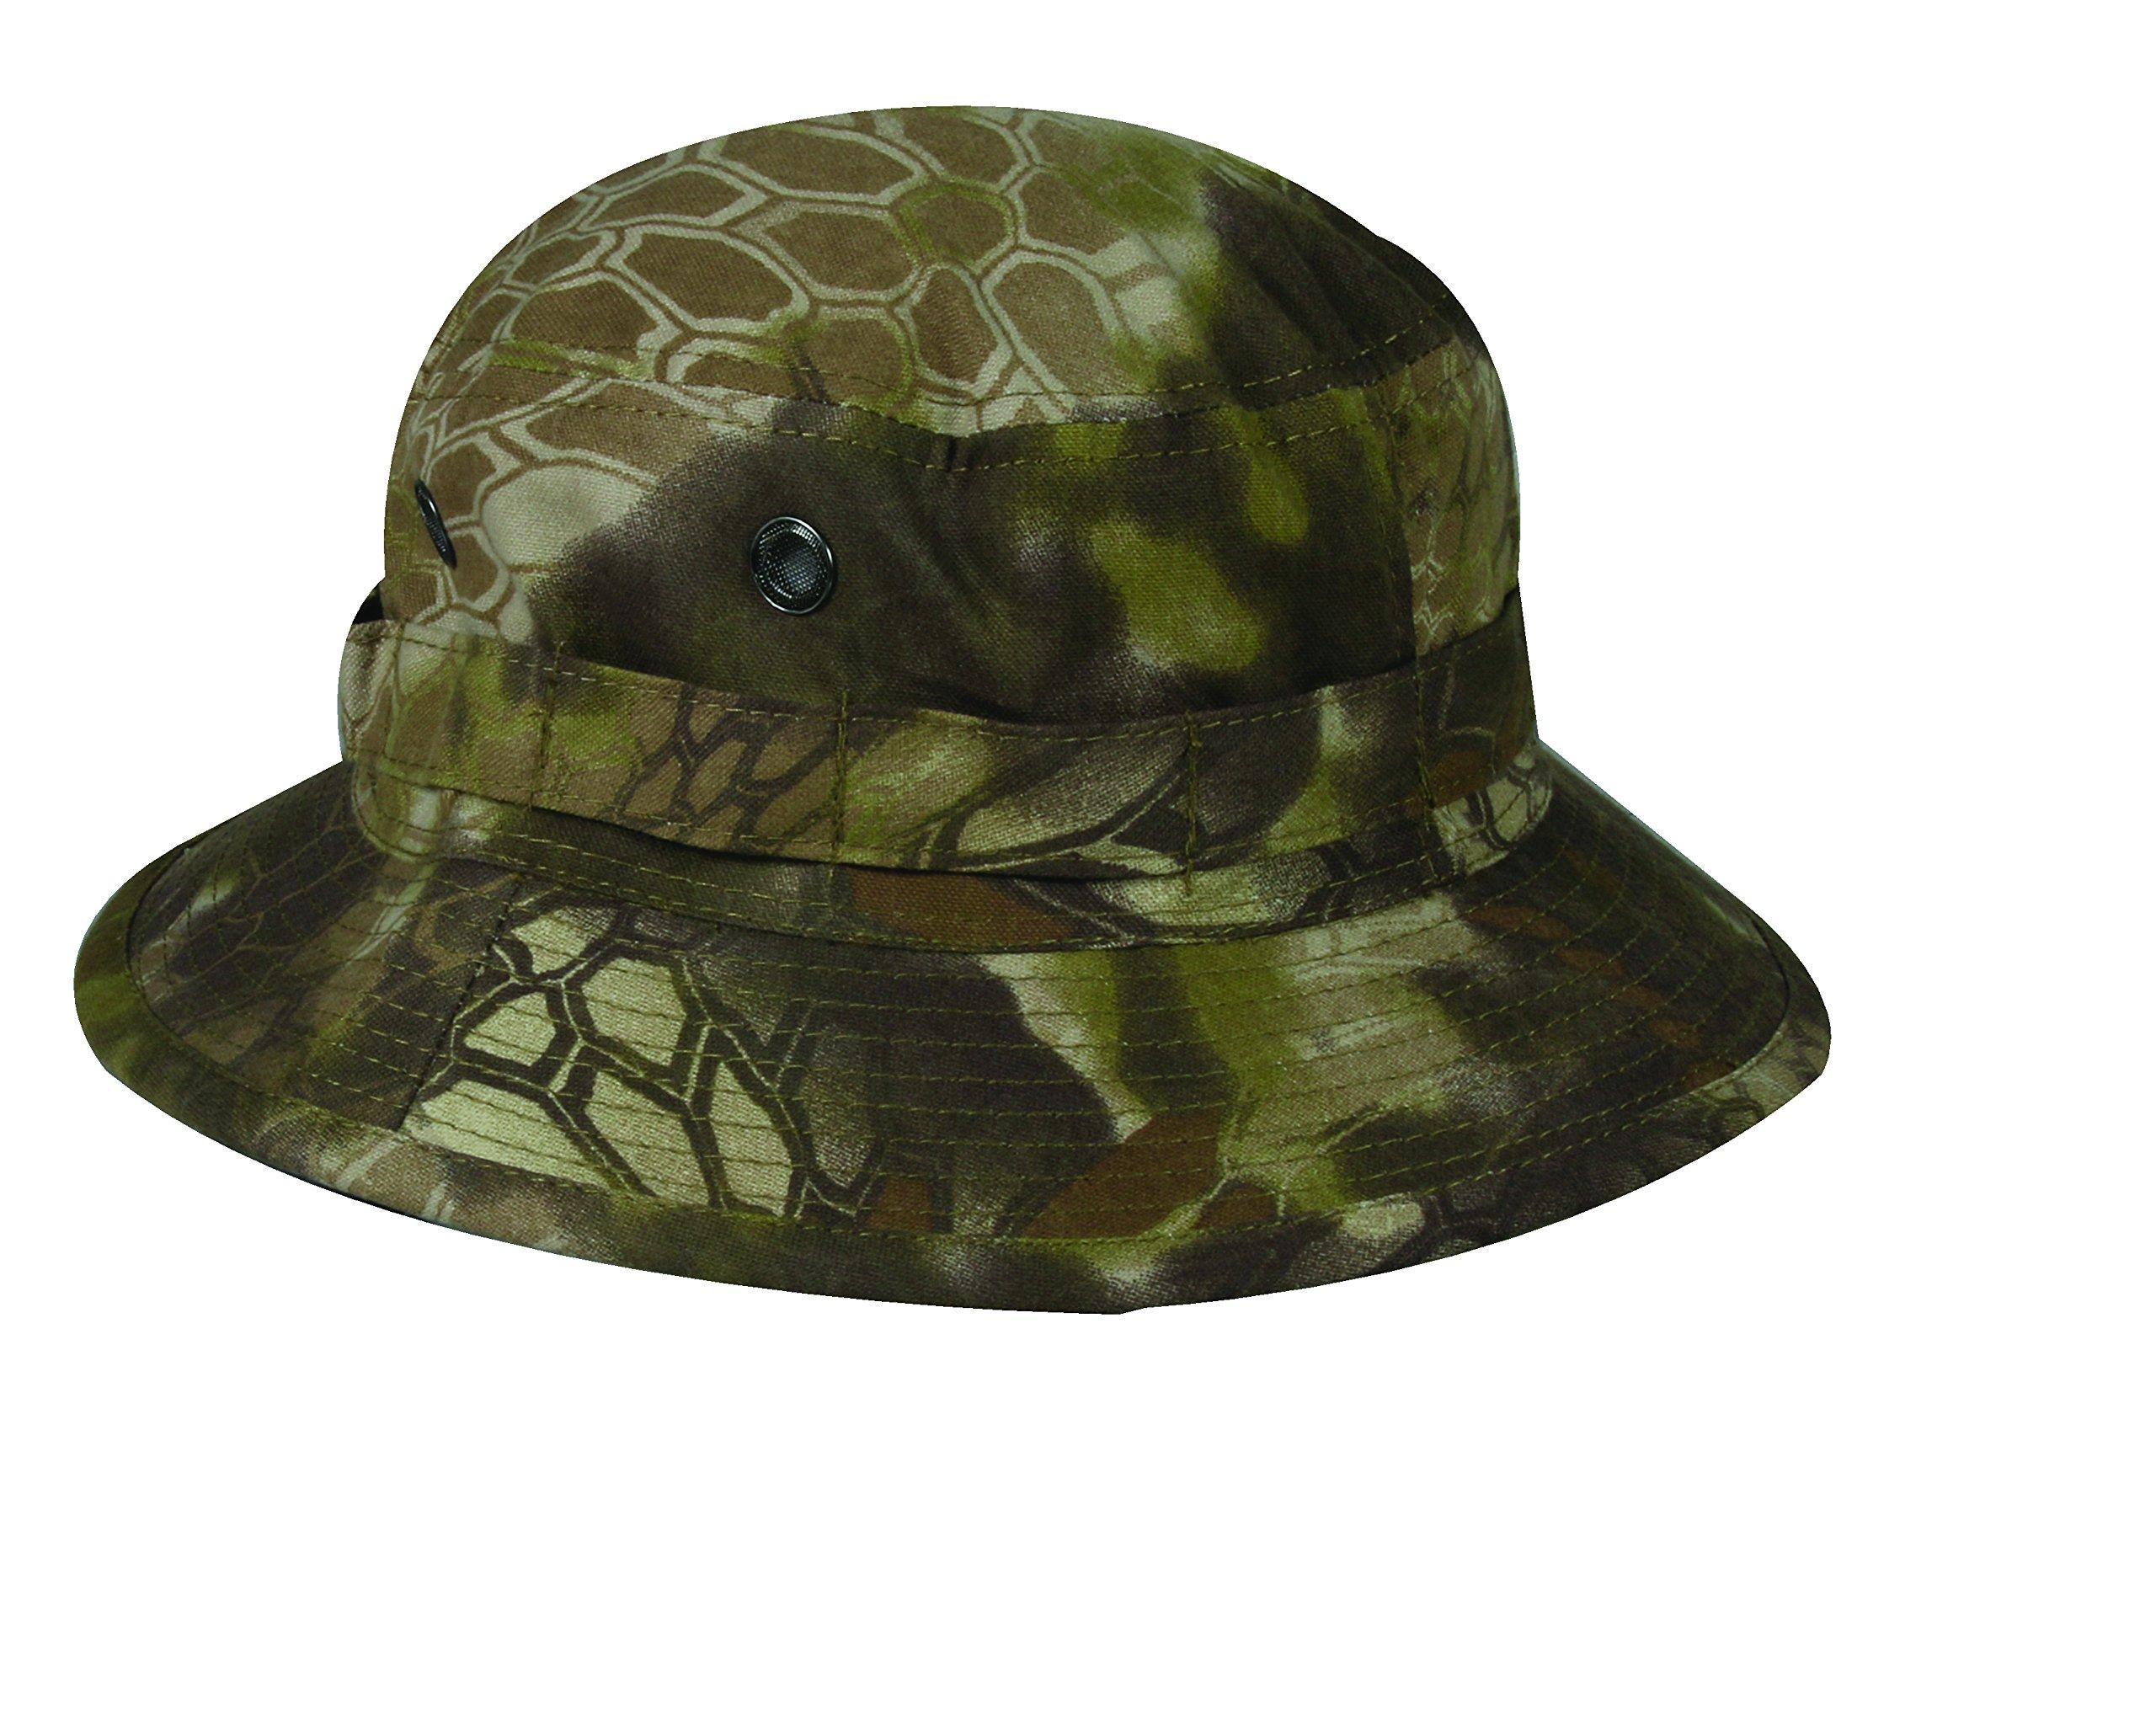 Kryptek Boonie Hat with Adjustable Chin Strap, Highlander Camo